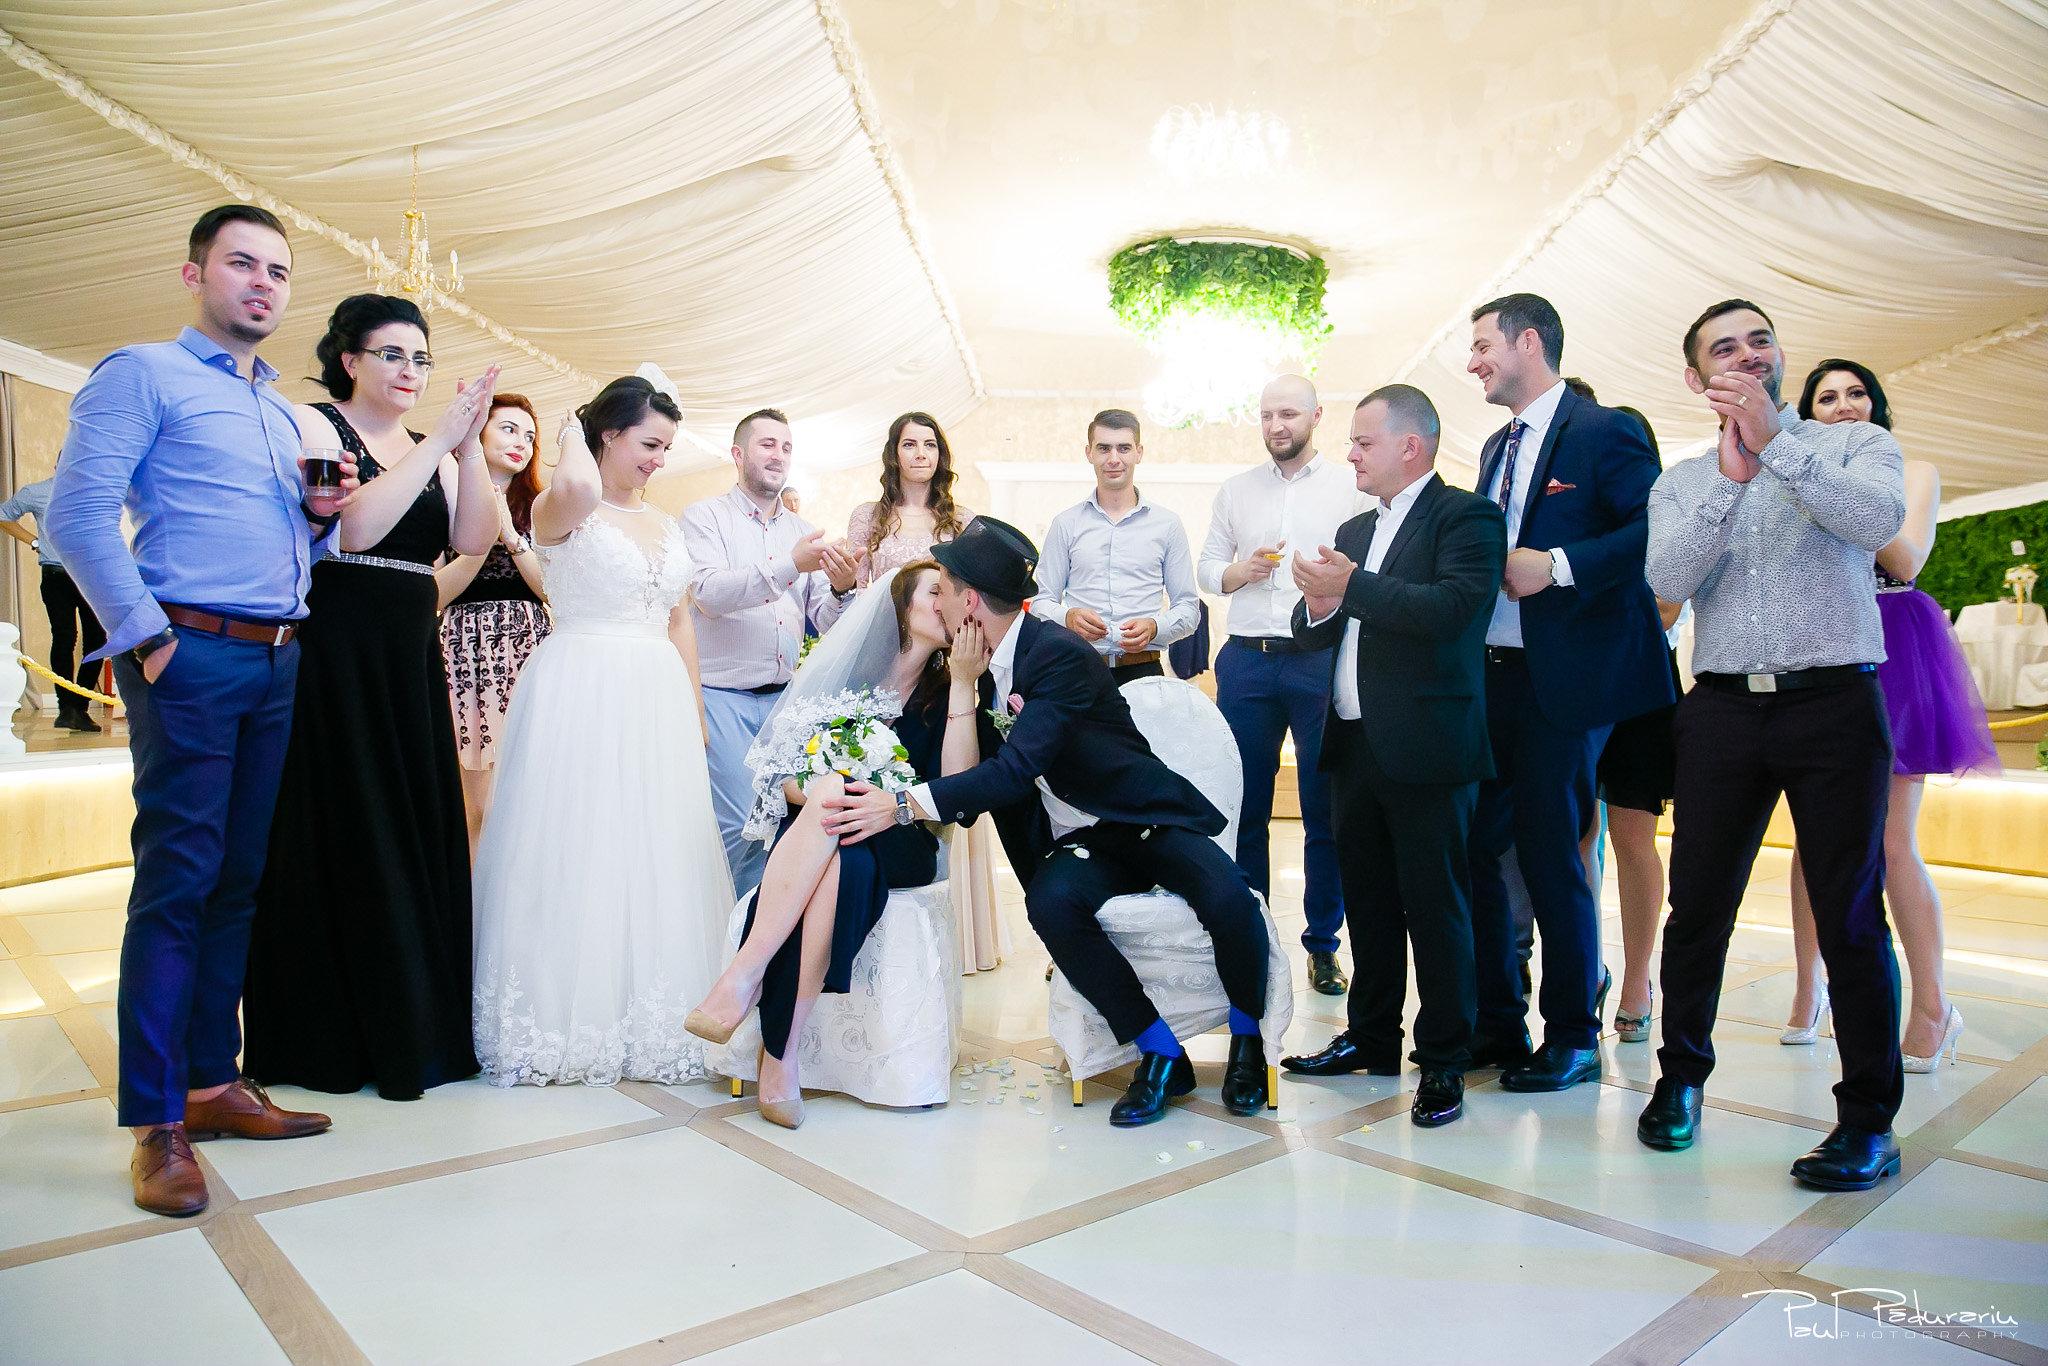 Nunta la Castel Iasi Ana-Maria si Marius fotograf profesionistwww.paulpadurariu.ro © 2018 Paul Padurariu 2